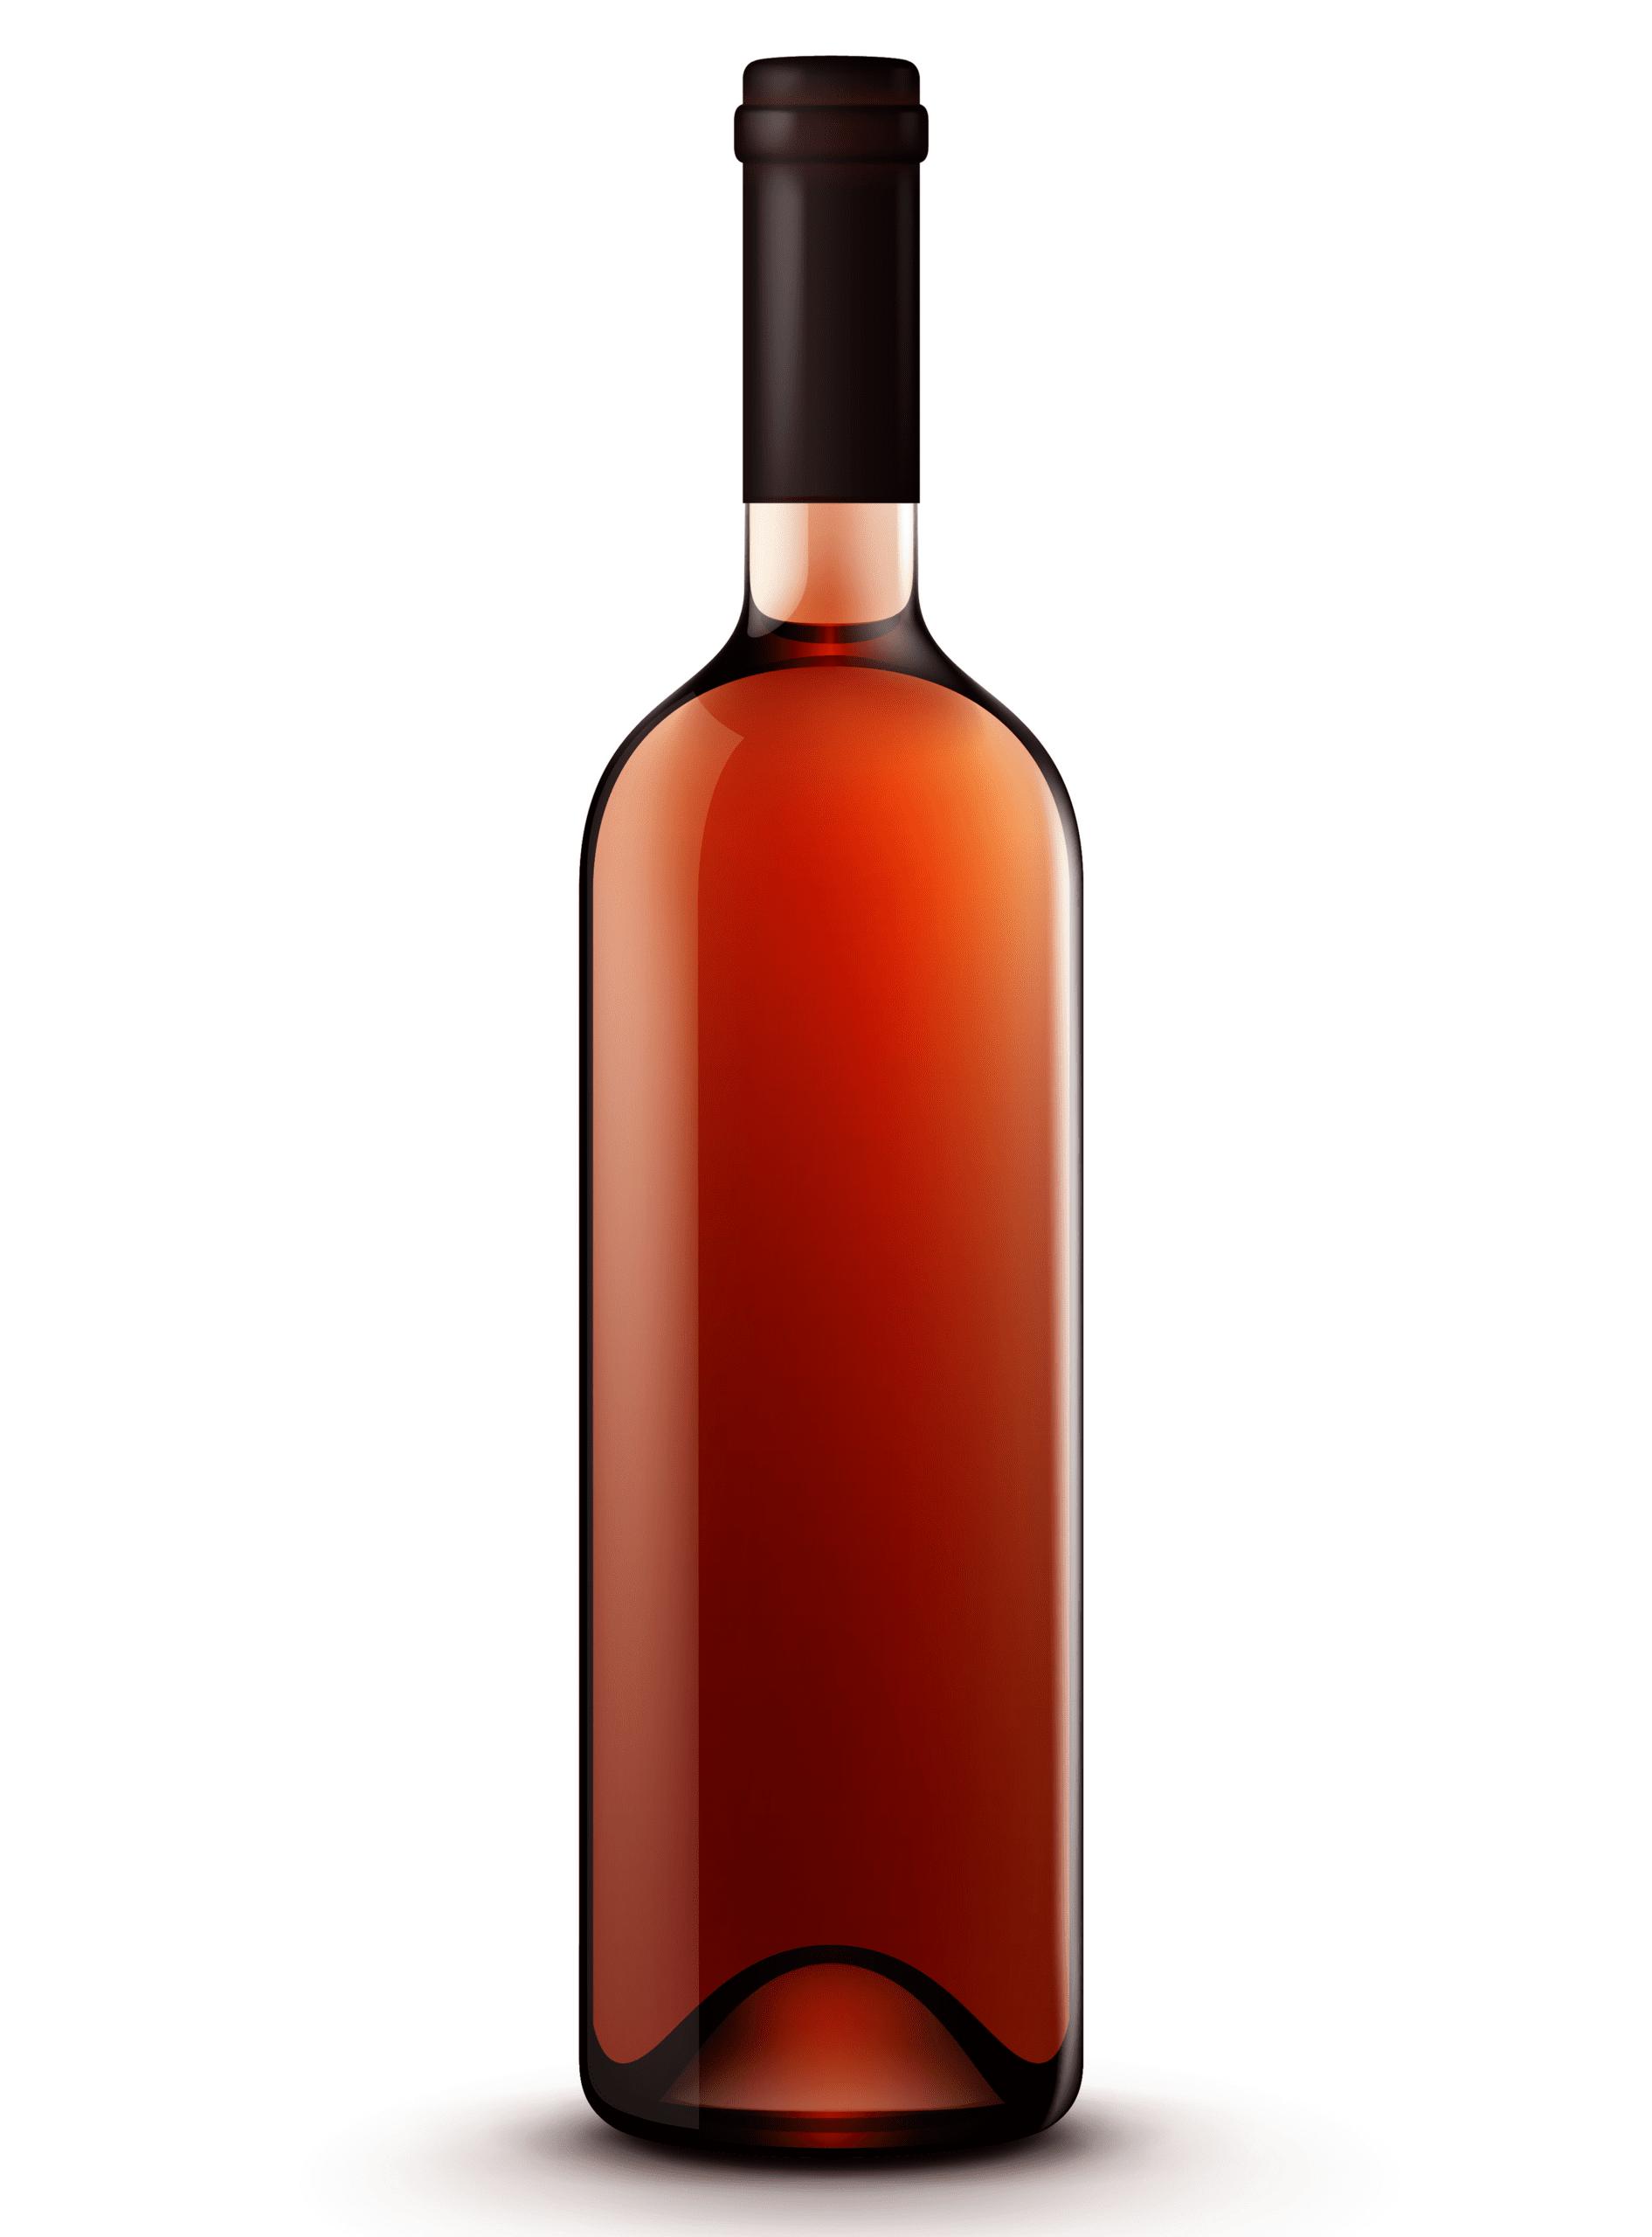 Meet our Glass Bottles & Jars